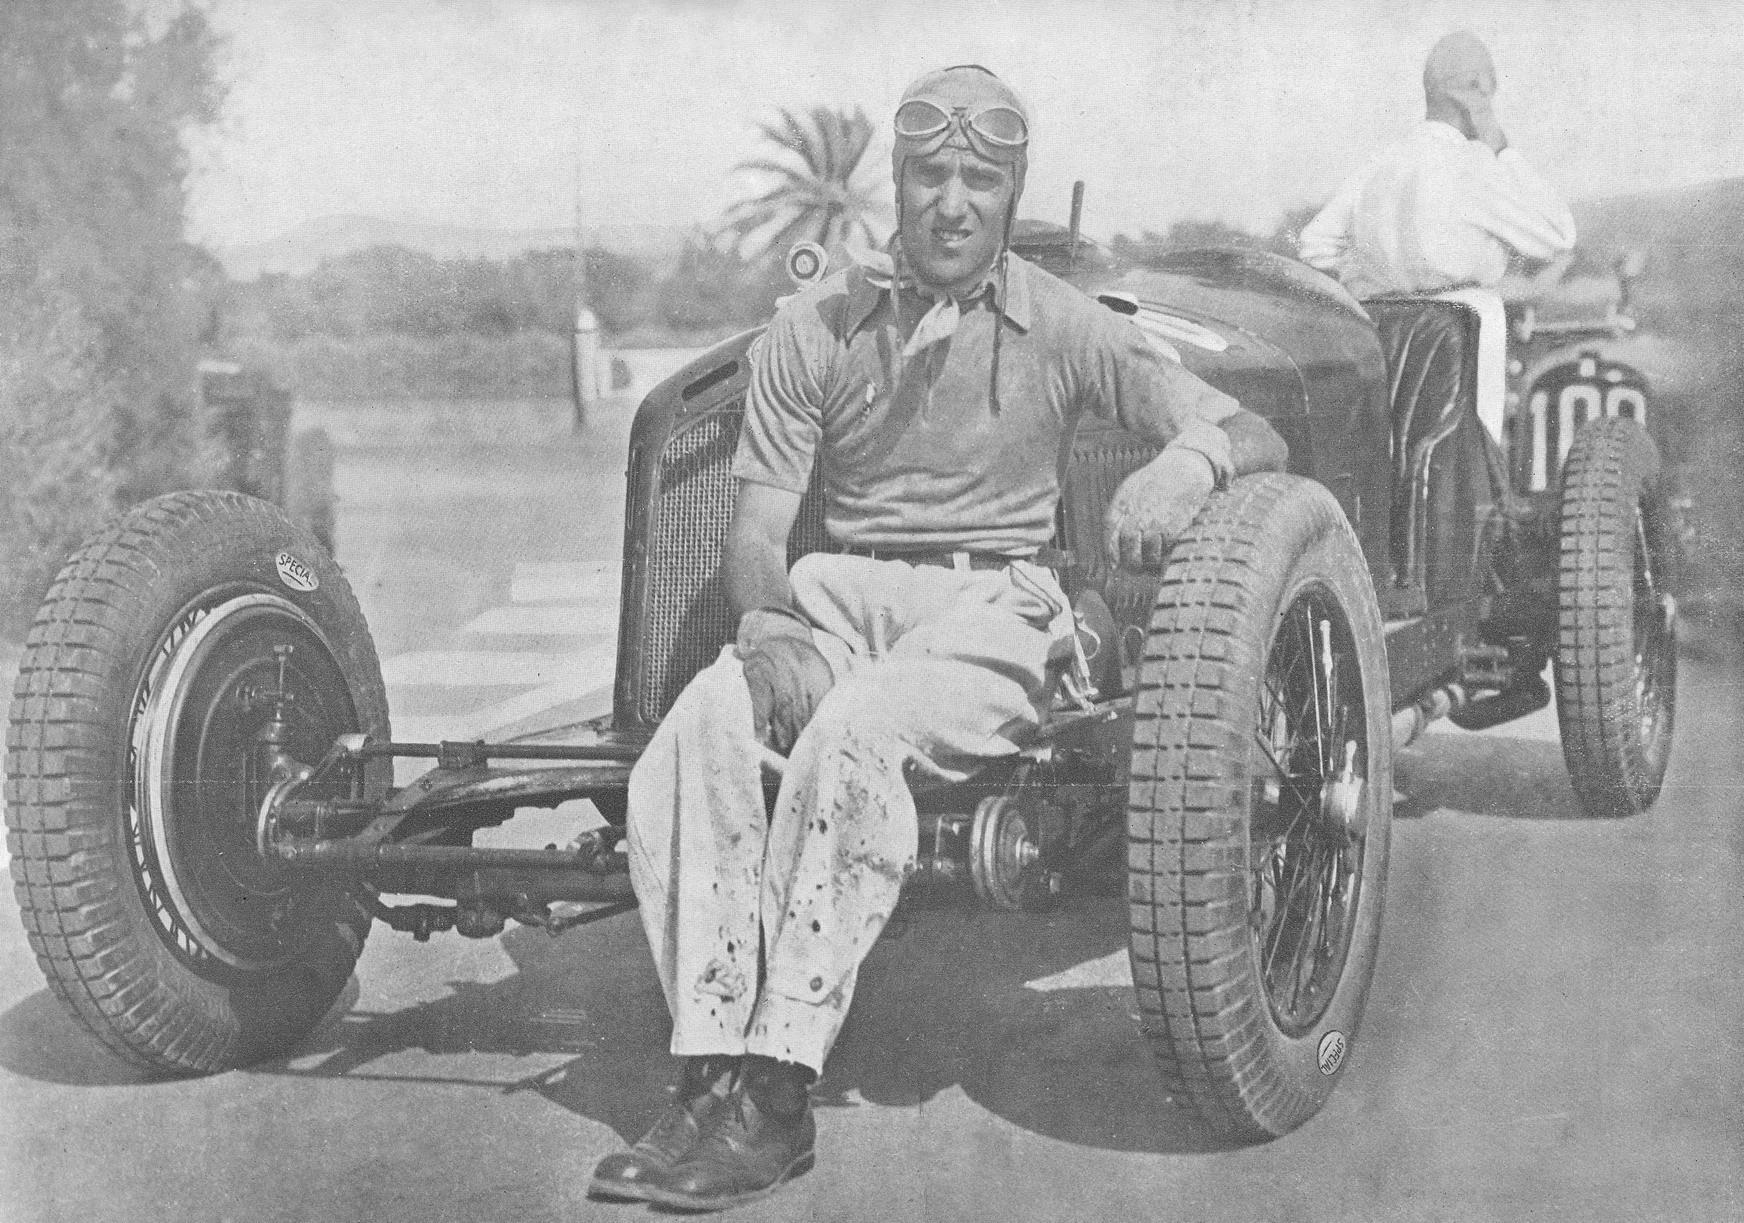 1931. Tazio Nuvolari és Alfa Romeo 2300 8C-je, Livorno, Olaszország. 1932-ben lett Grand Prix győztes, Európa-bajnok..jpg